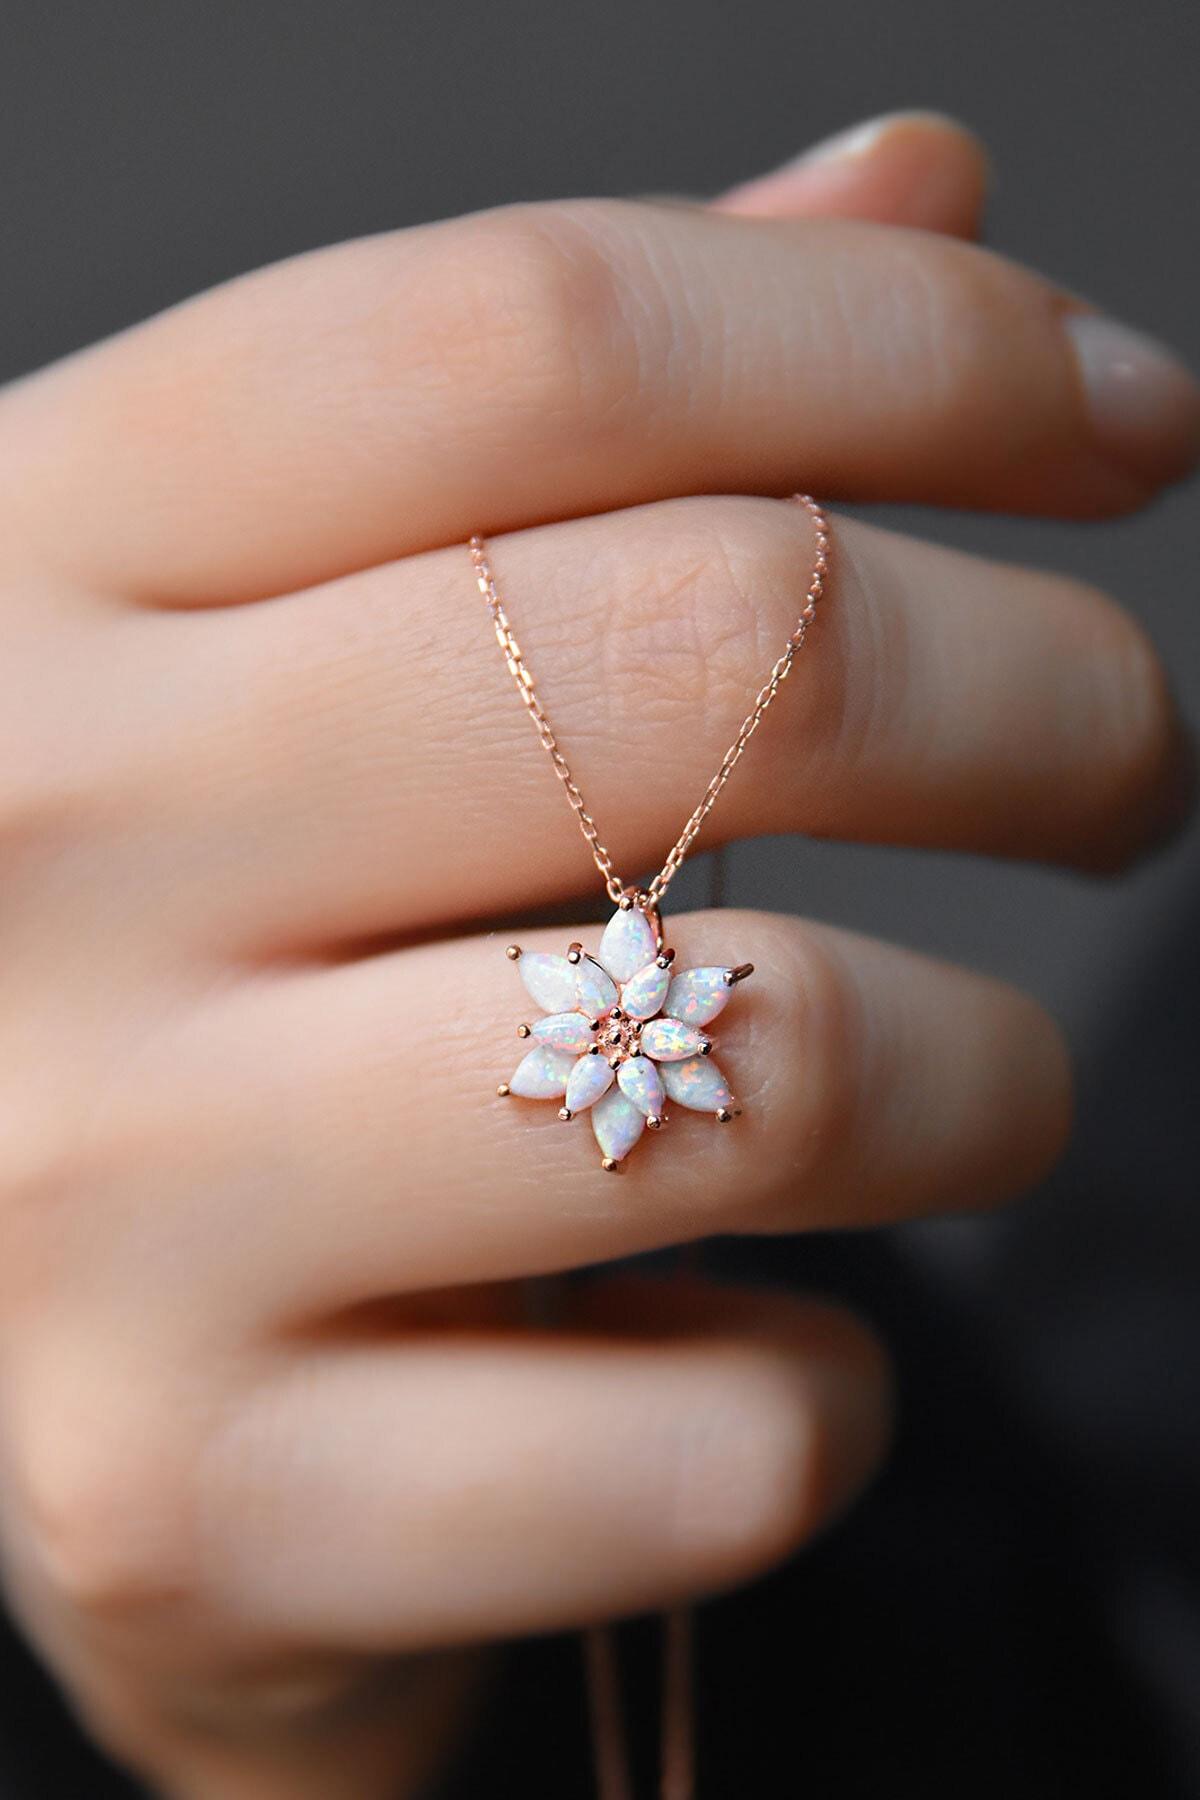 Papatya Silver 925 Ayar Gümüş Beyaz Doğal Opal Taşlı Lotus Kolye 2